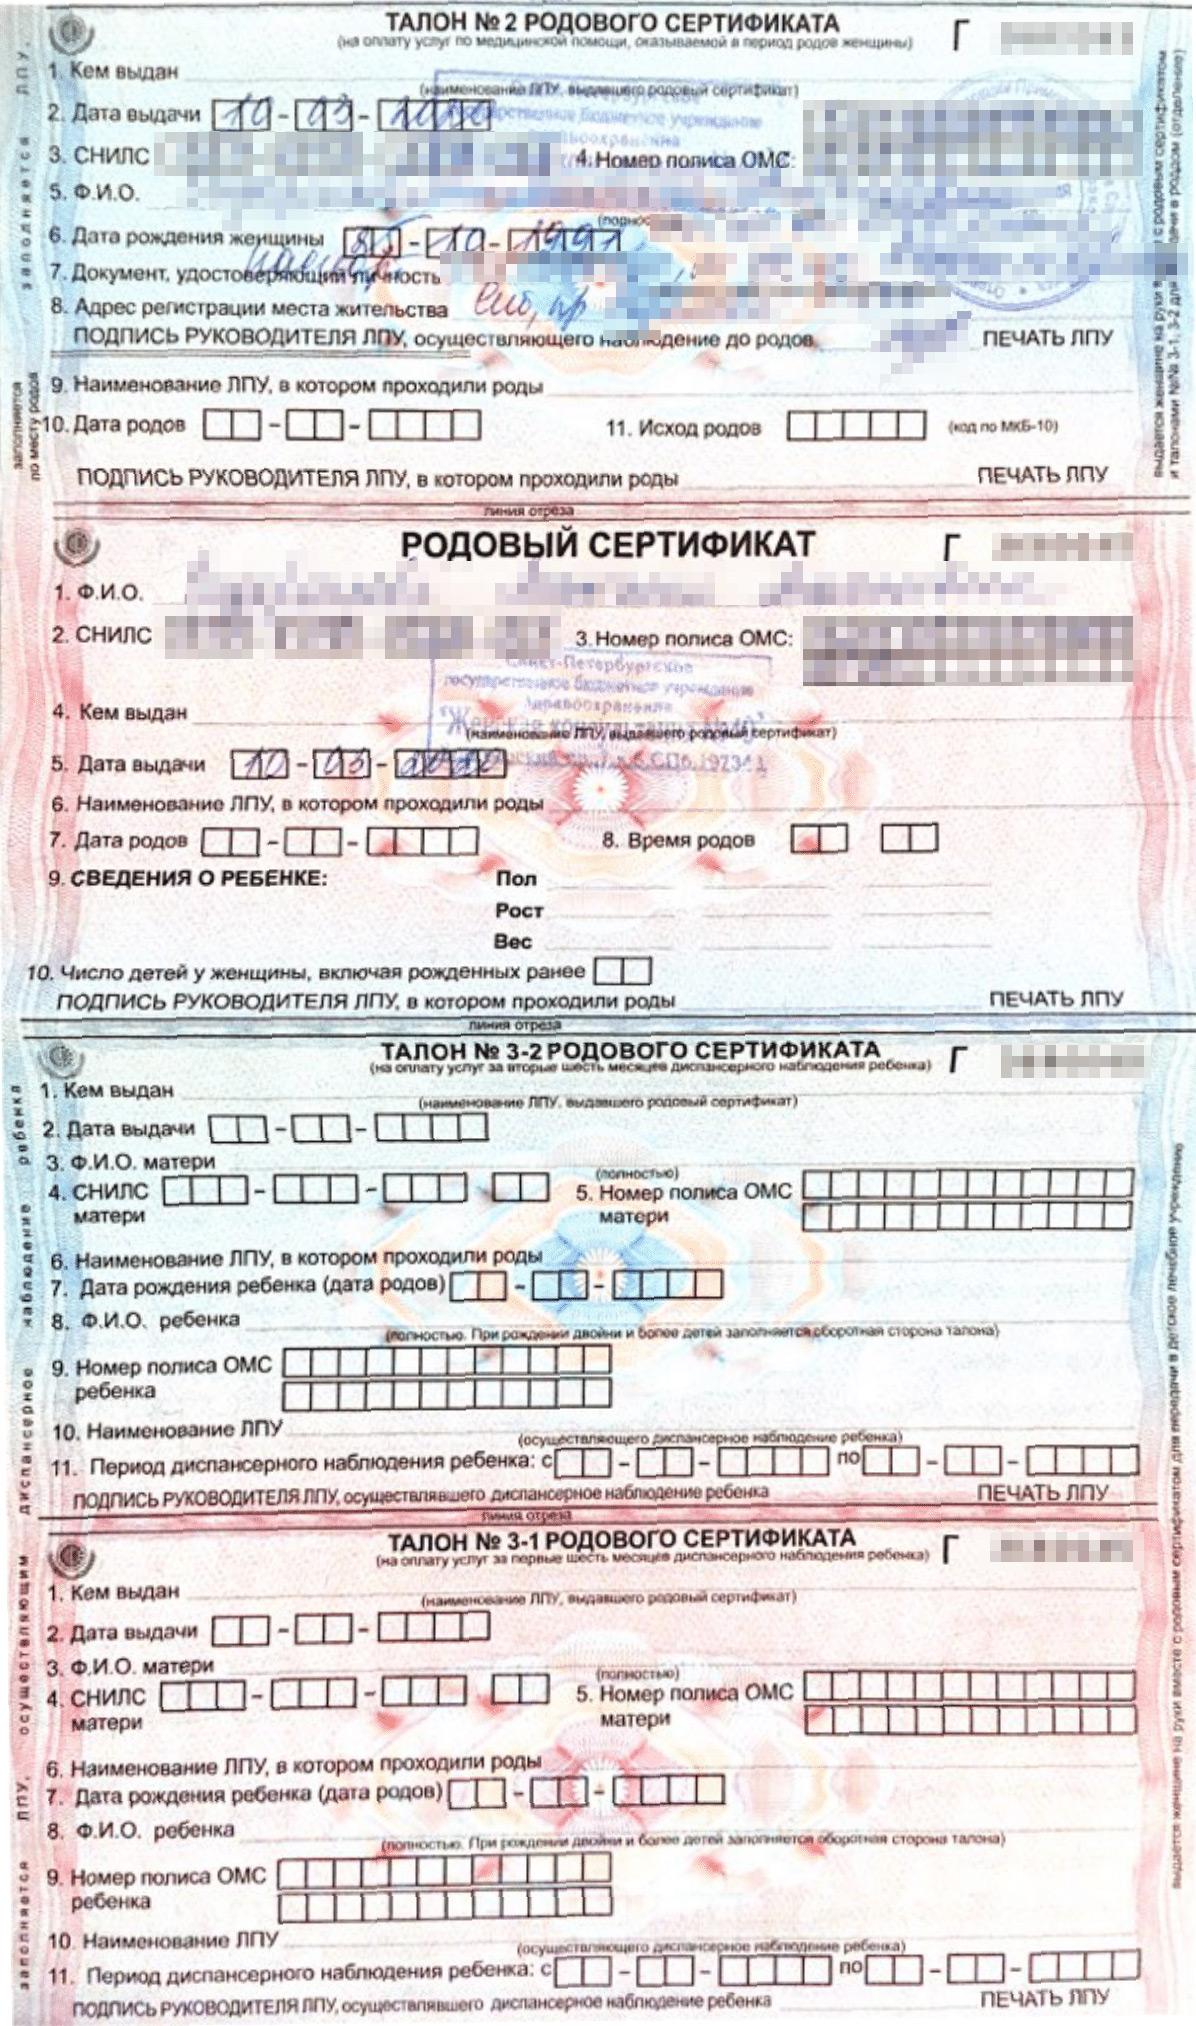 А вот остальные талоны и сам сертификат. В женской консультации выдают родовый сертификат безкорешка и талона №1 — они остаются дляподтверждения выдачи документов и оплаты услуг консультации